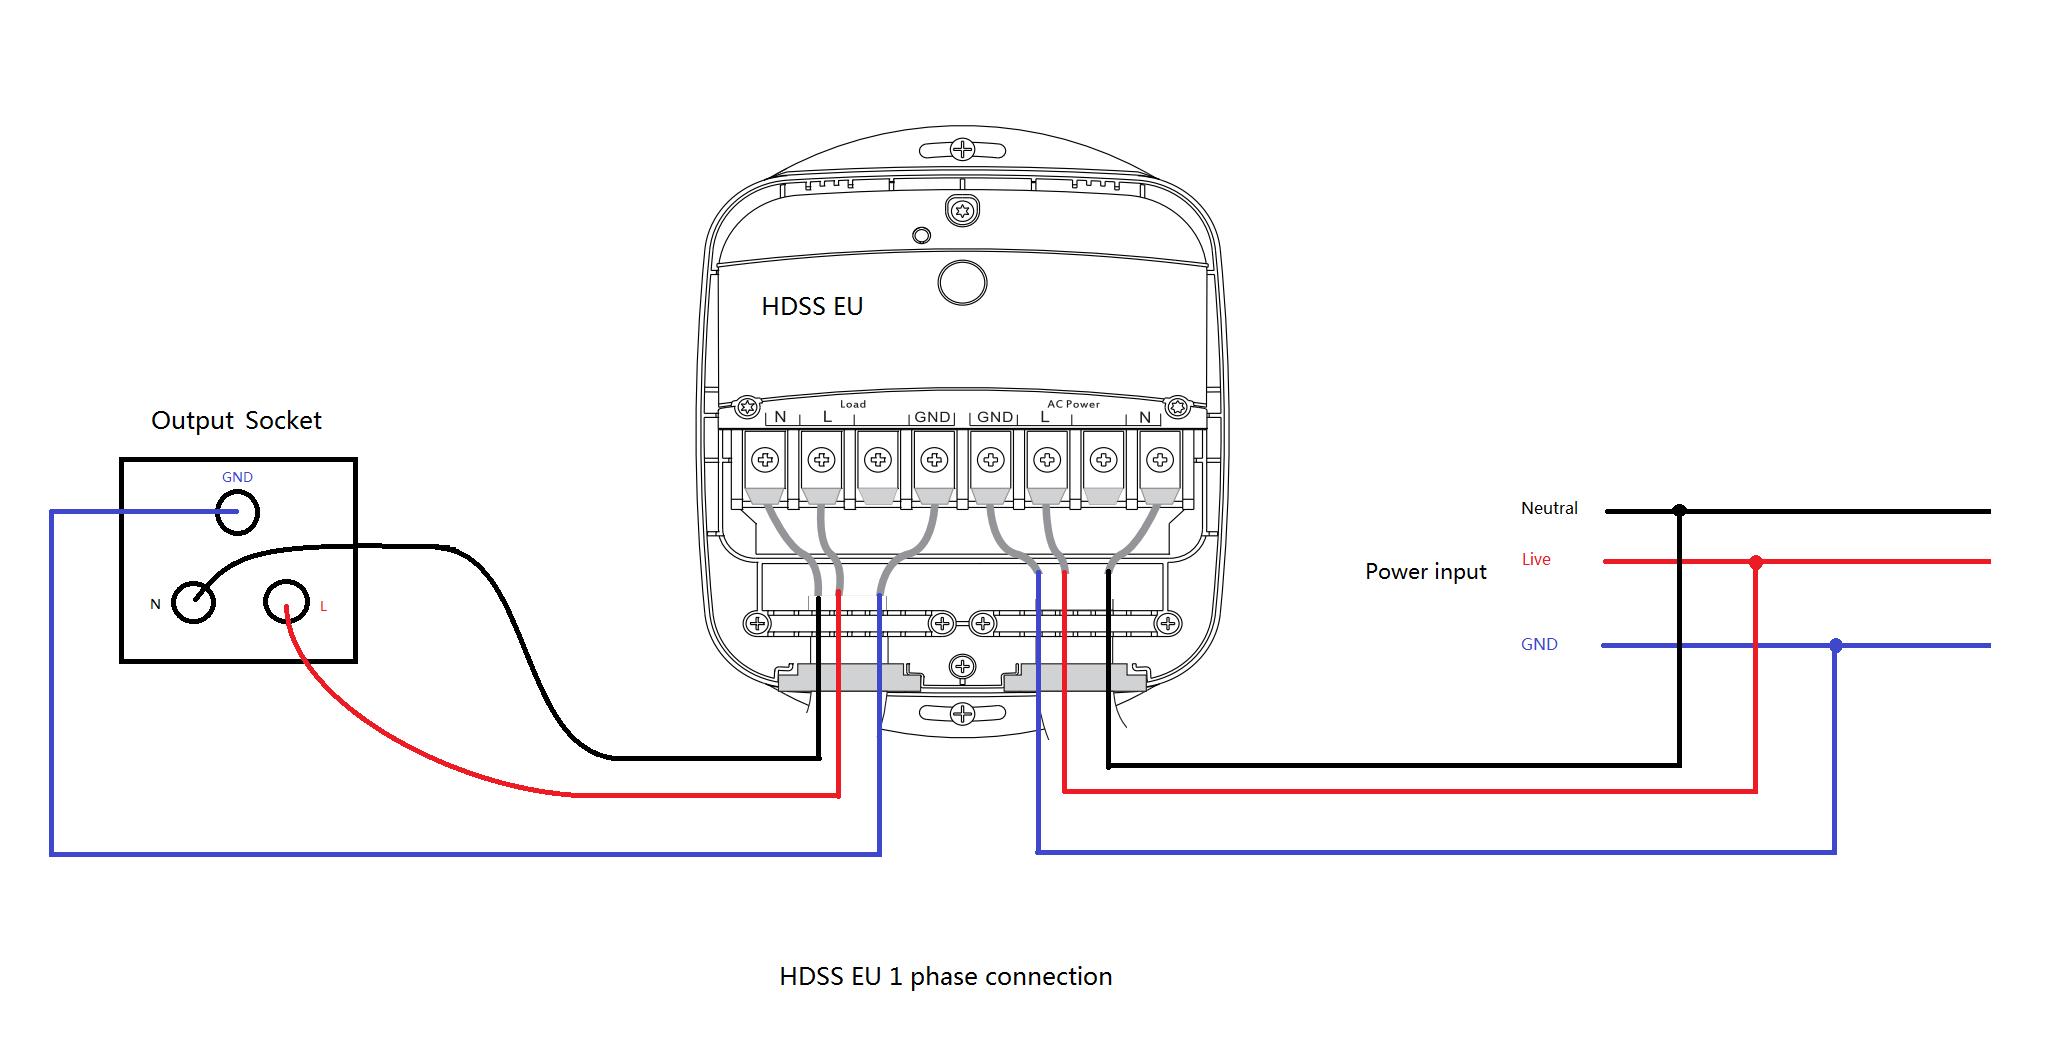 Heavy Duty Smart Switch Gen5 wiring diagrams : Aeotec by